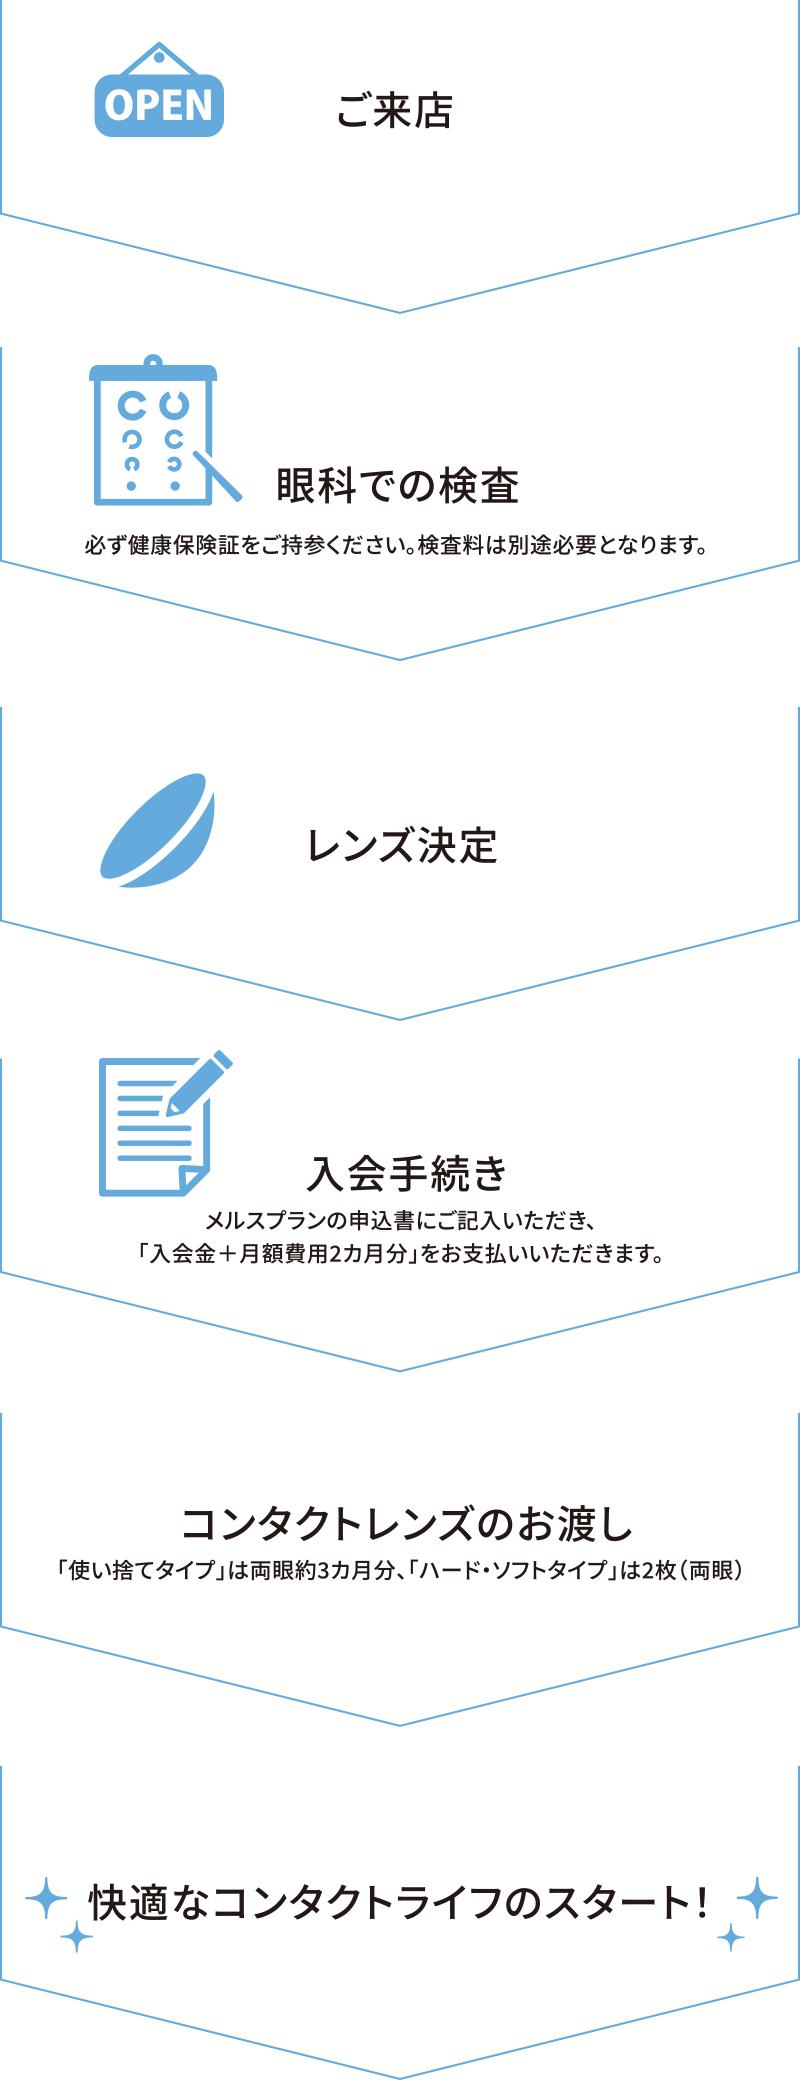 メルスプラン メルスプラン会員No.ログイン|Club Menicon(クラブメニコン)